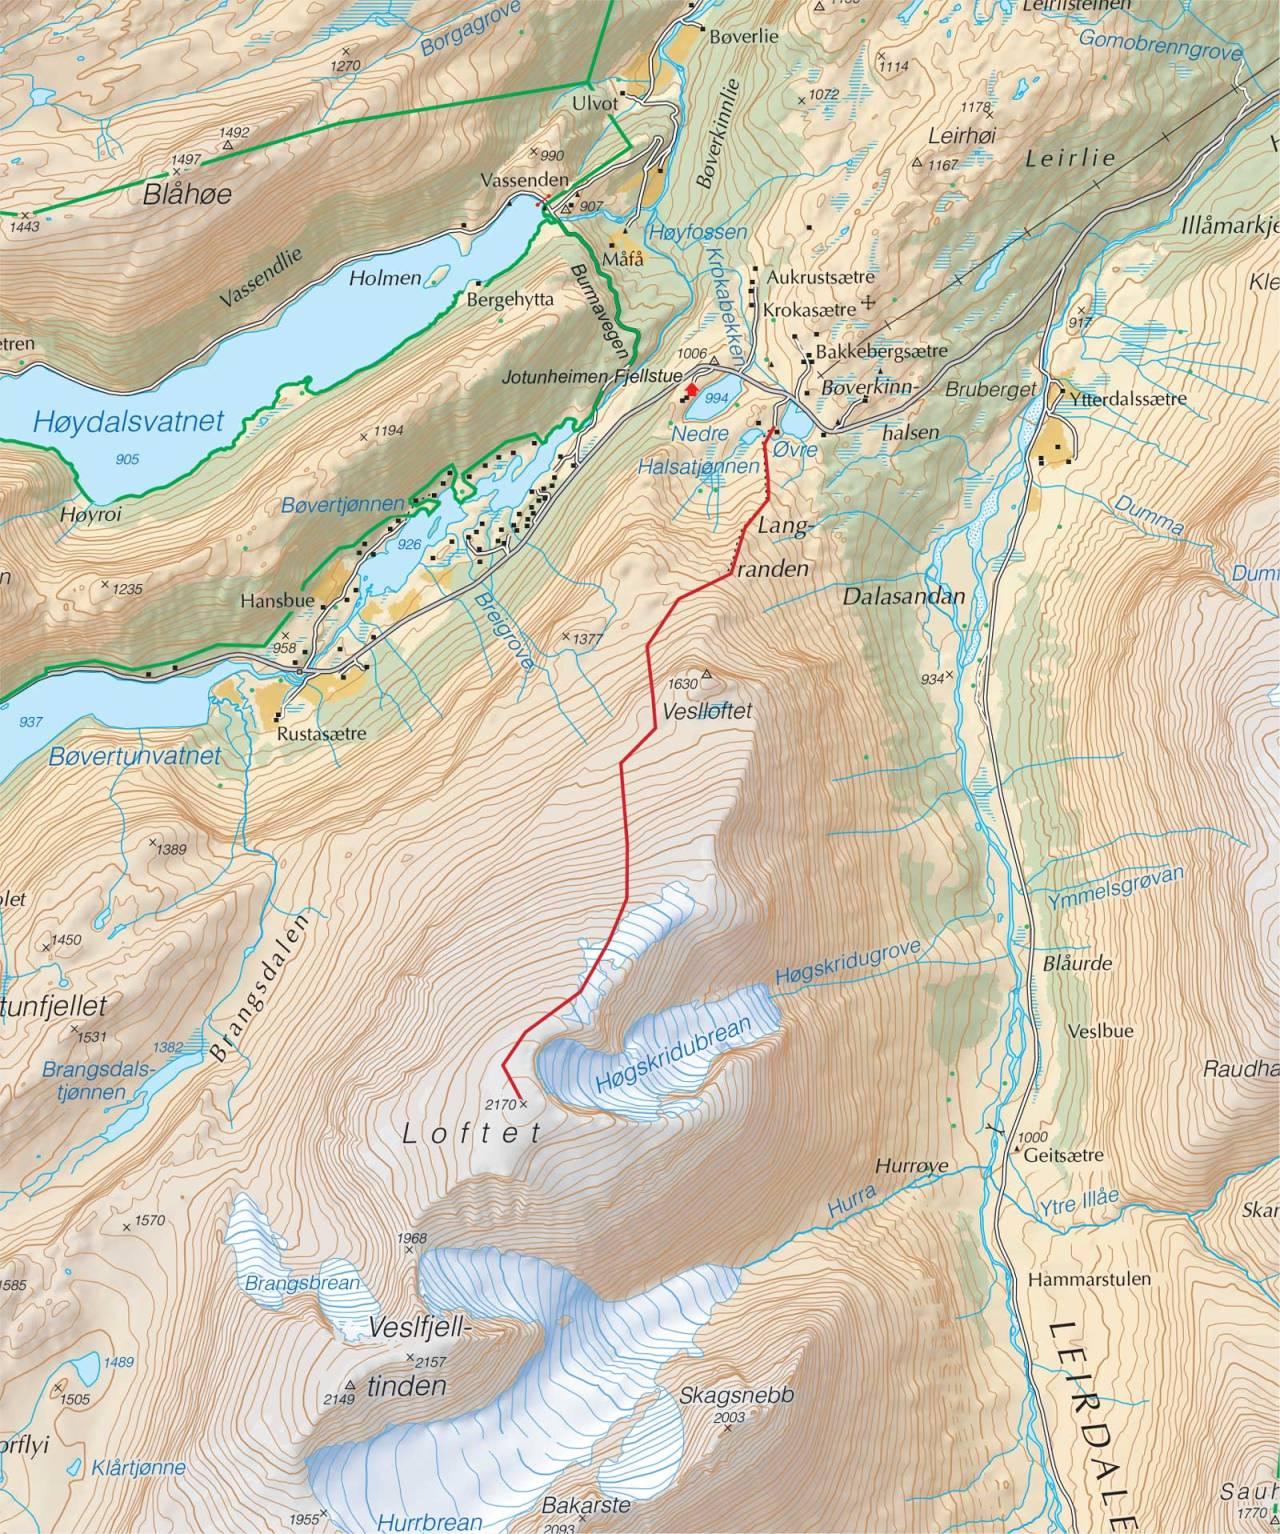 Kart over Loftet med inntegnet rute. Fra Trygge toppturer